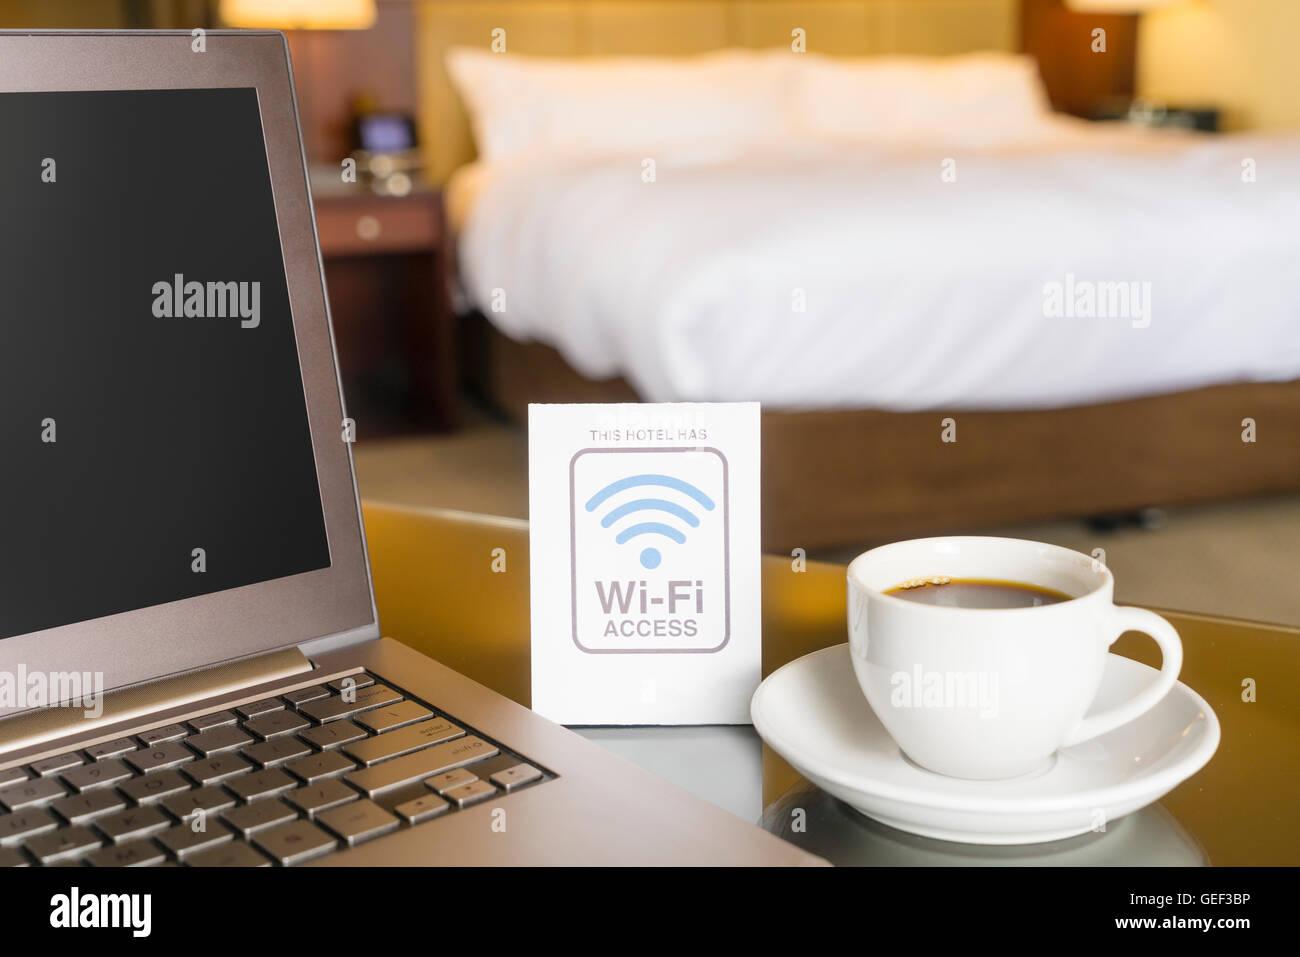 Chambre d'hôtel avec accès wifi connectez-vous Photo Stock